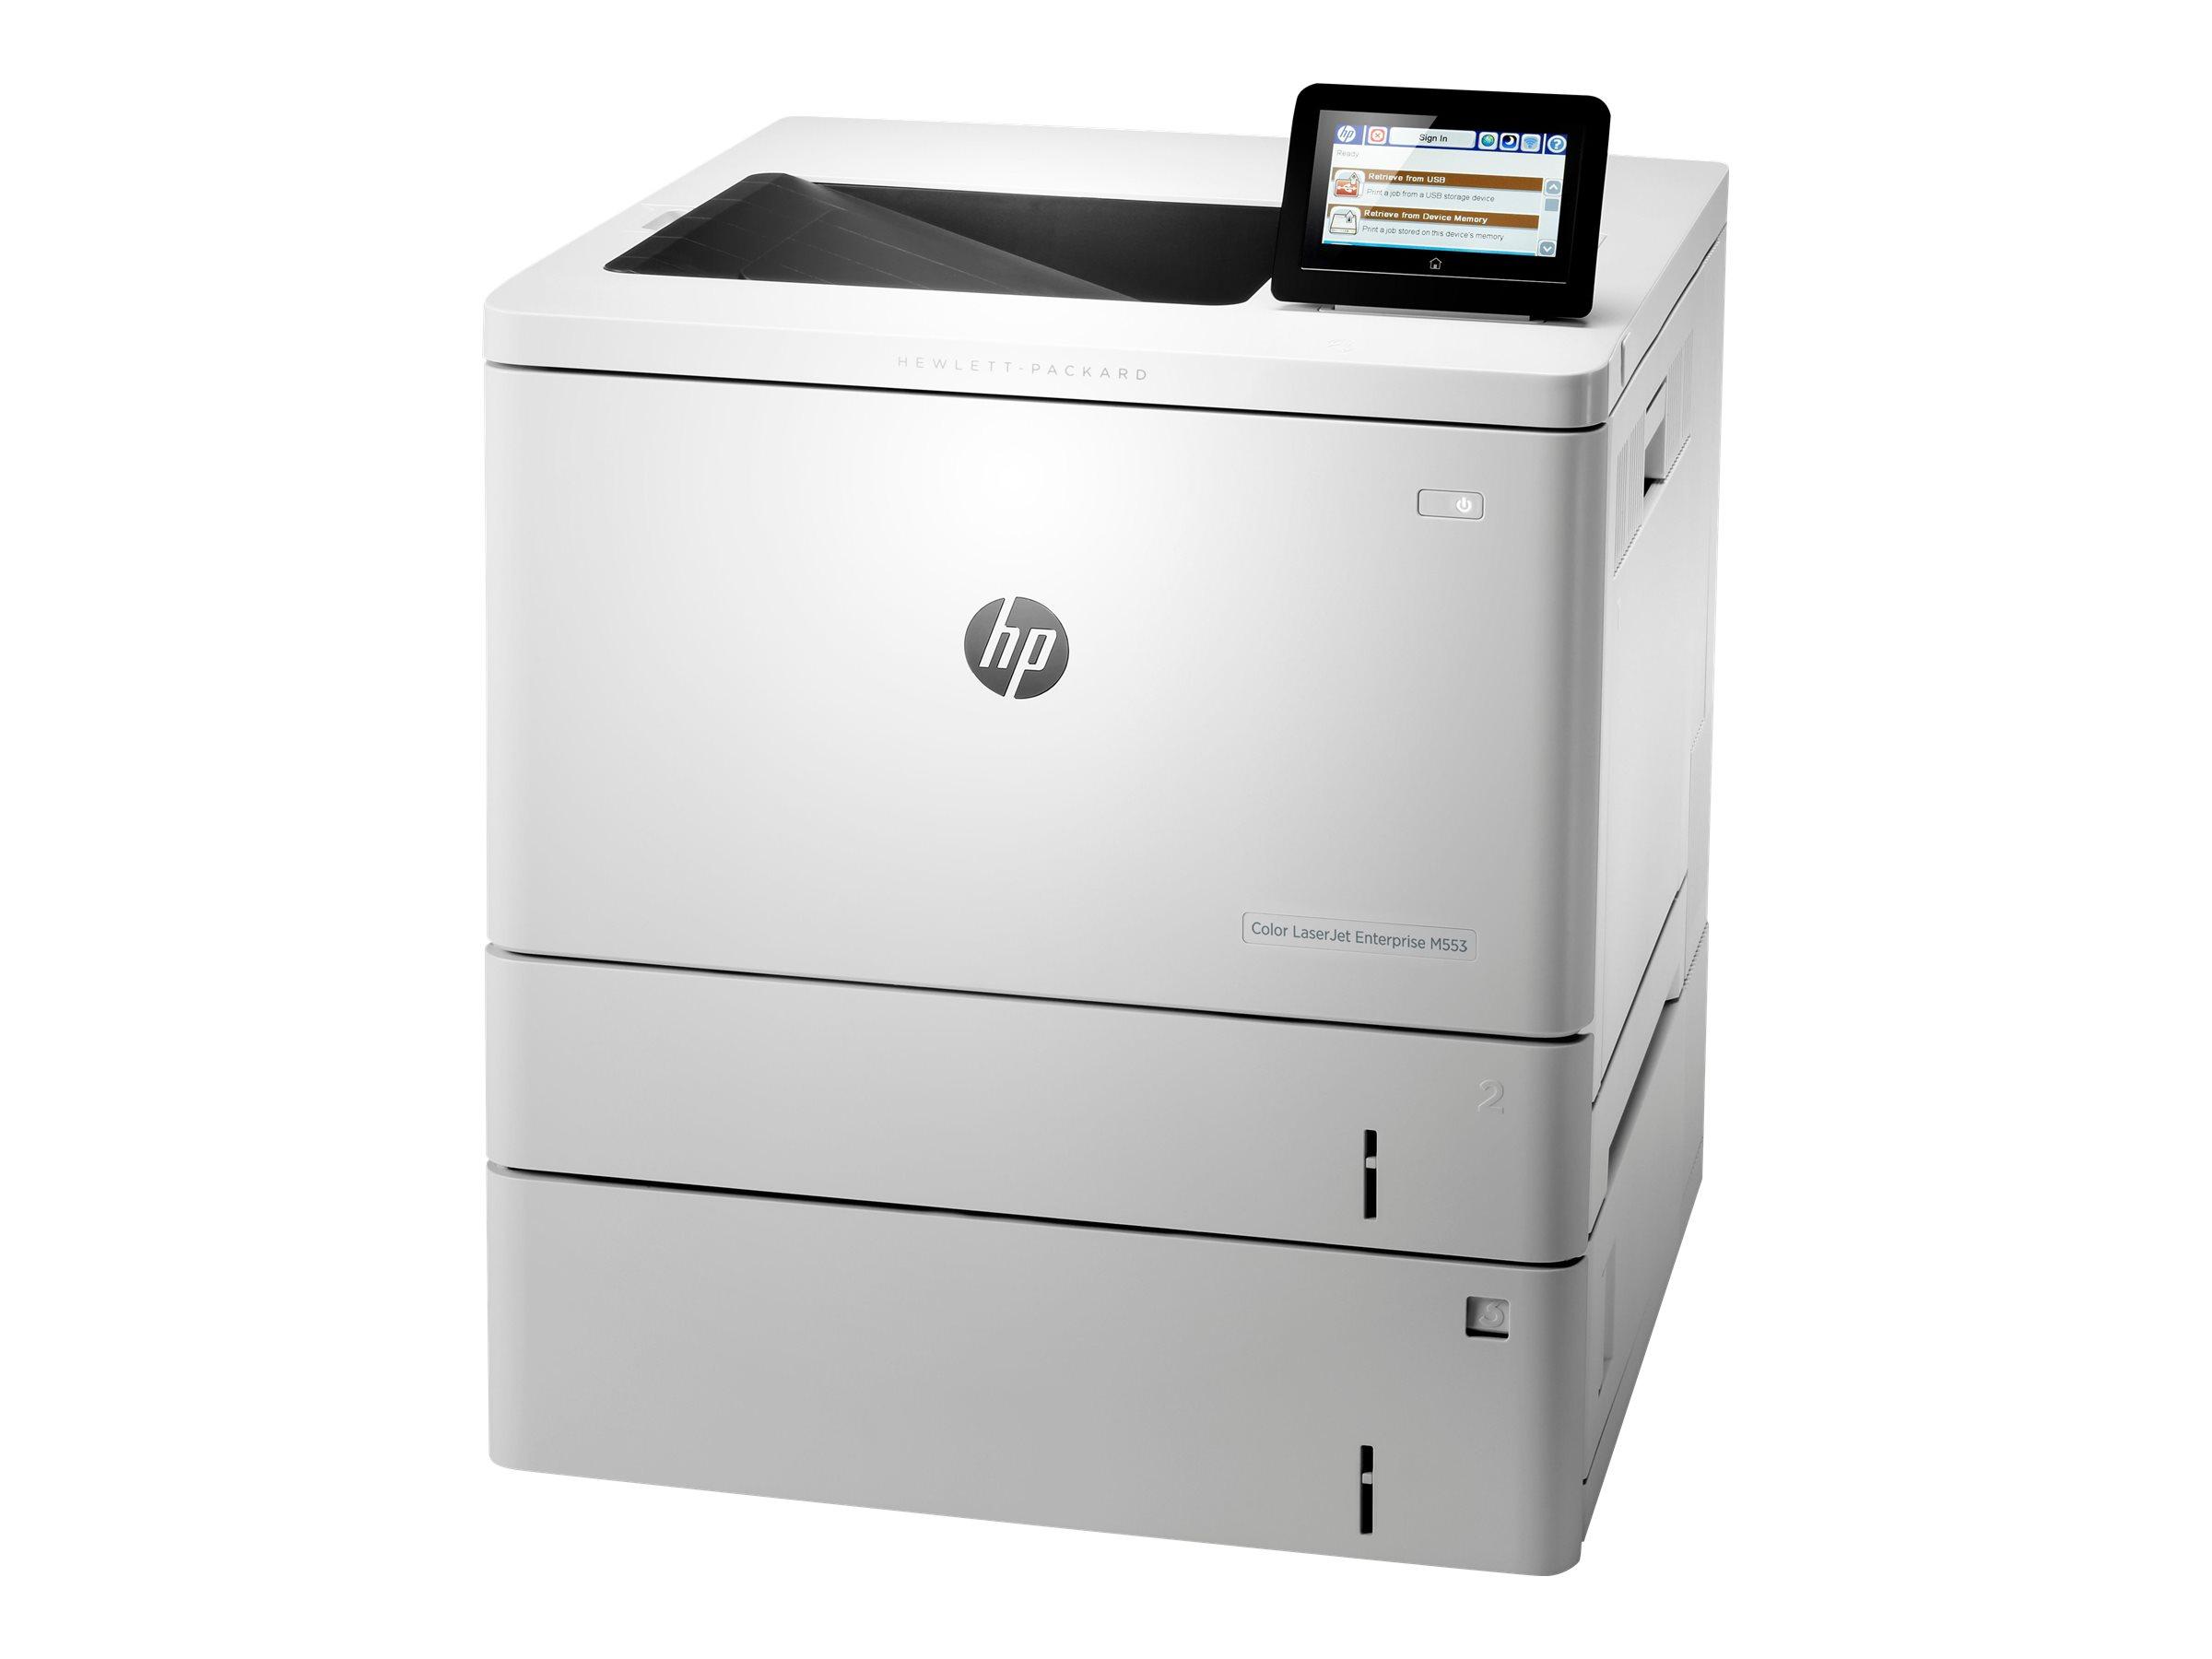 Vorschau: HP Color LaserJet Enterprise M553x - Drucker - Farbe - Duplex - Laser - A4/Legal - 1200 x 1200 dpi - bis zu 38 Seiten/Min. (einfarbig)/